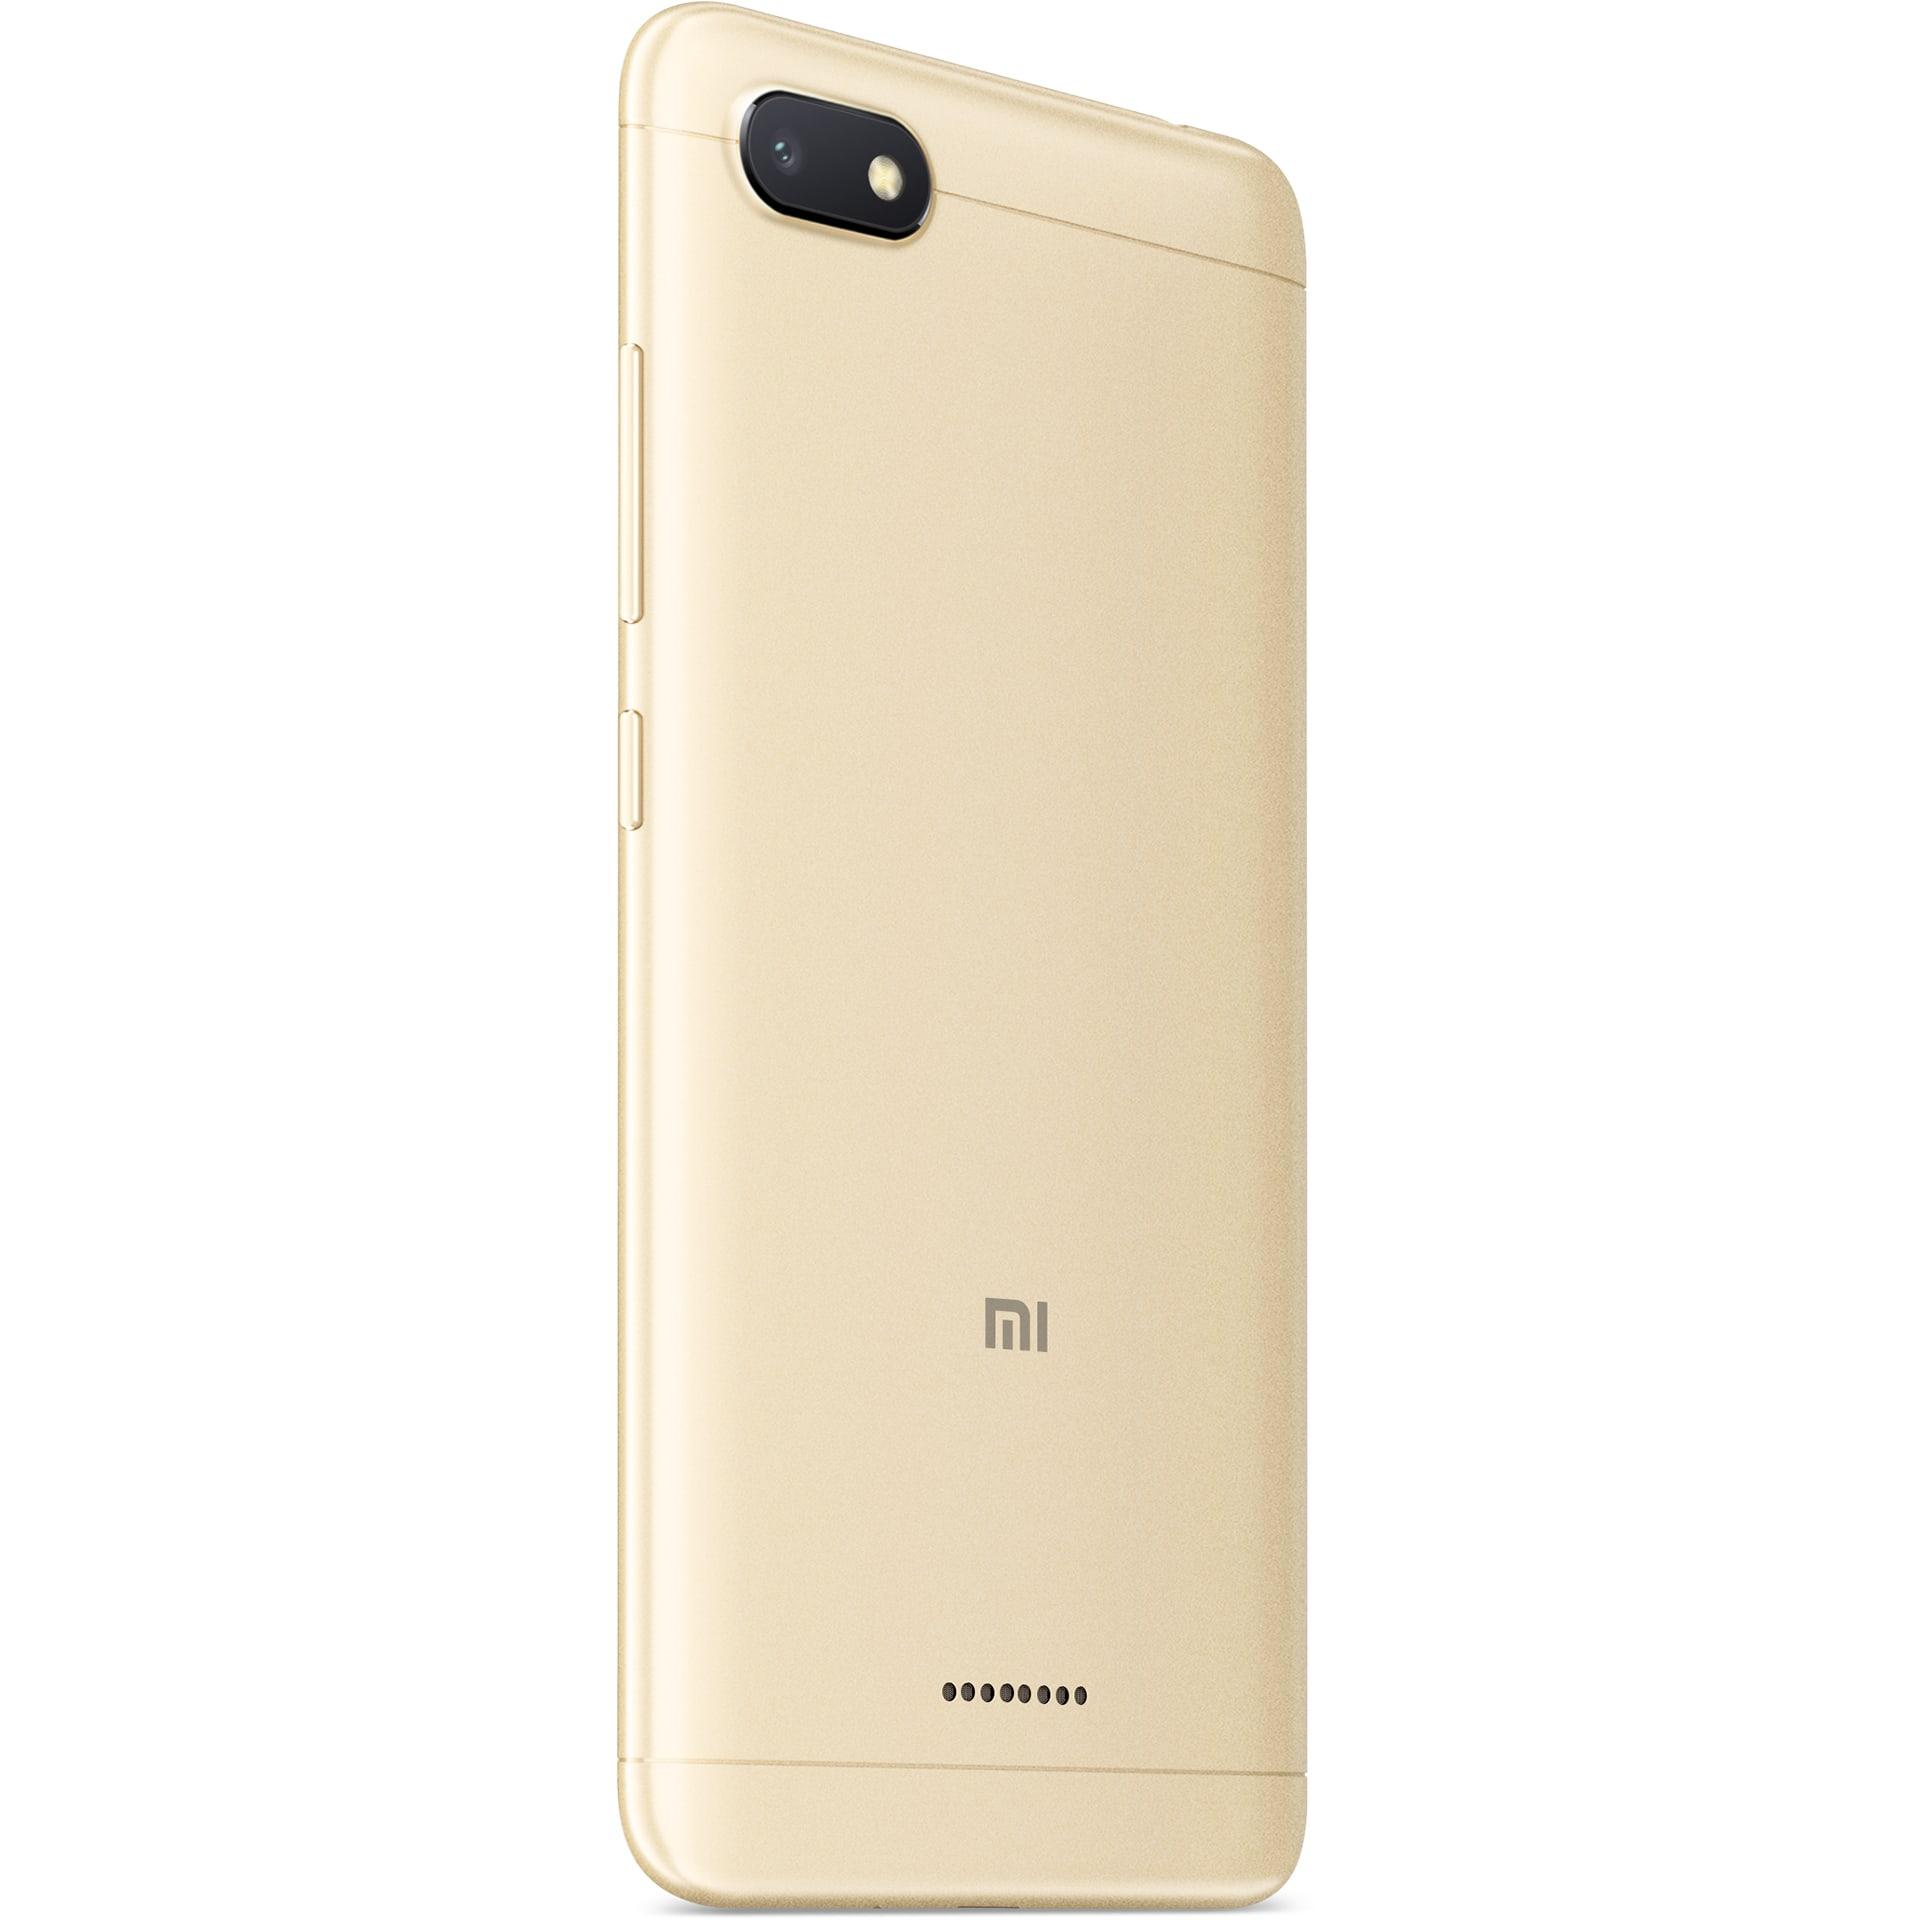 mobiiltelefon Xiaomi Redmi 6A 16 GB (kuldne)